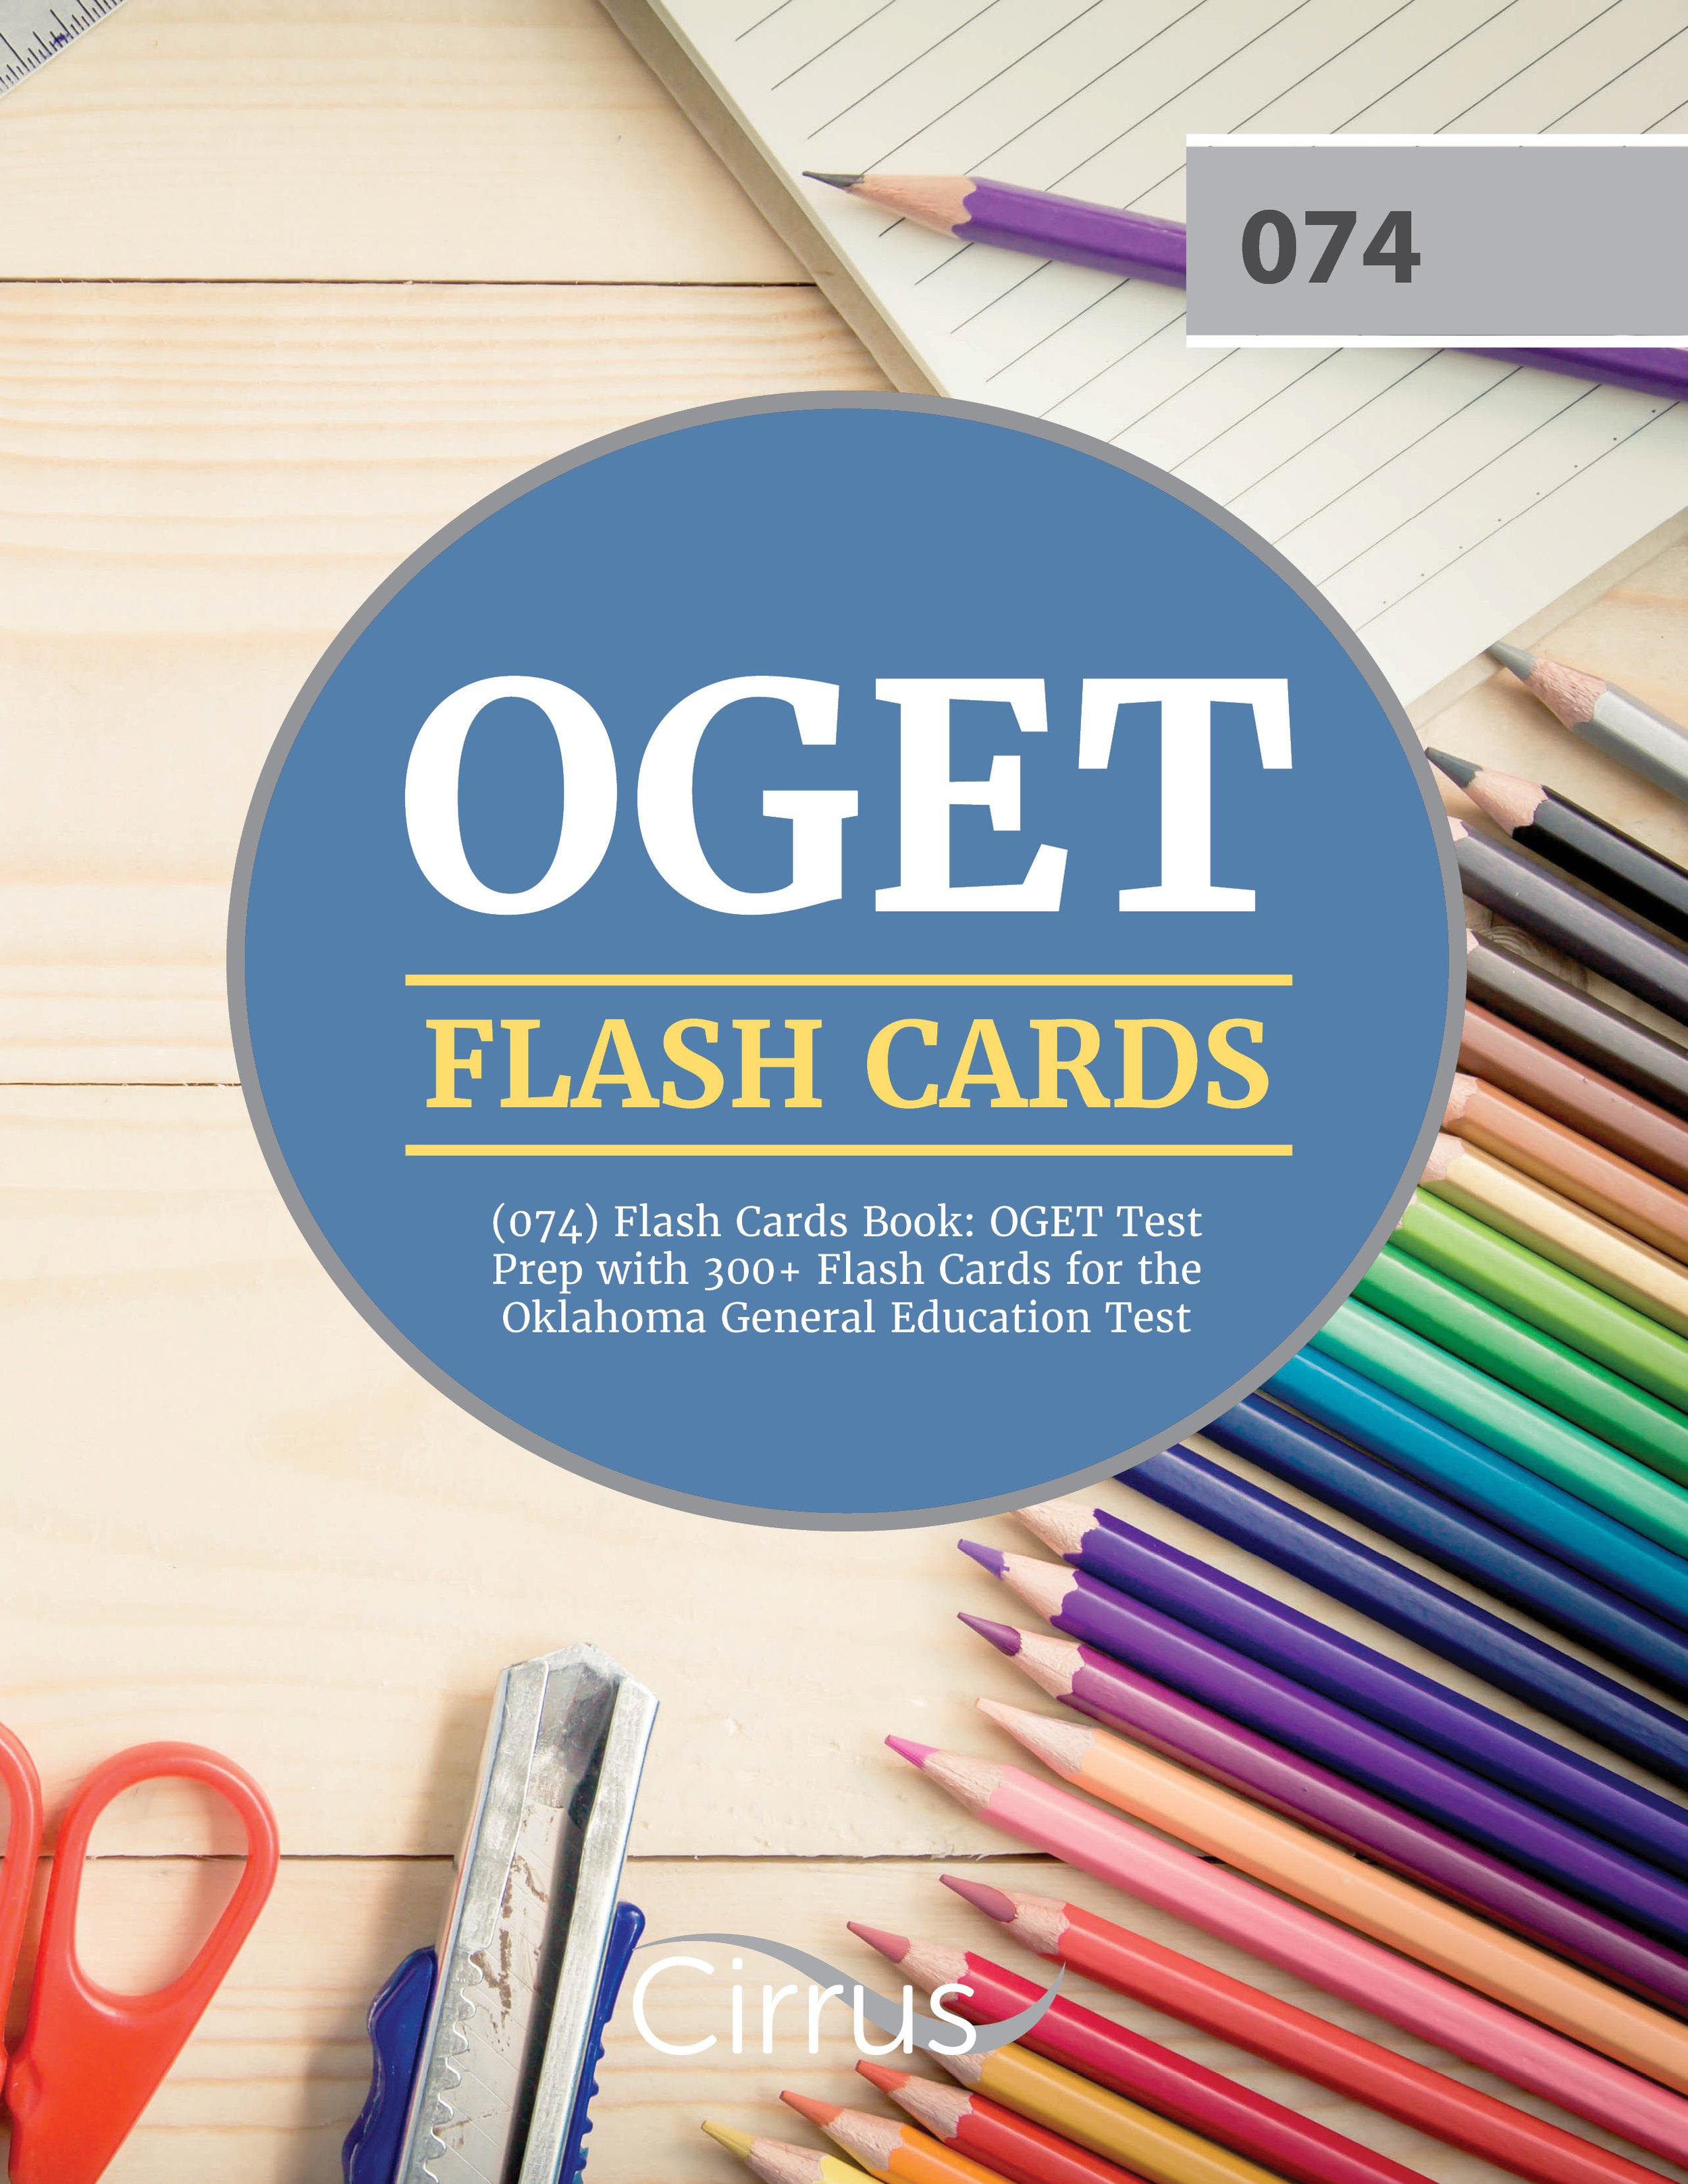 OGET_074_FC_cover_website.jpg